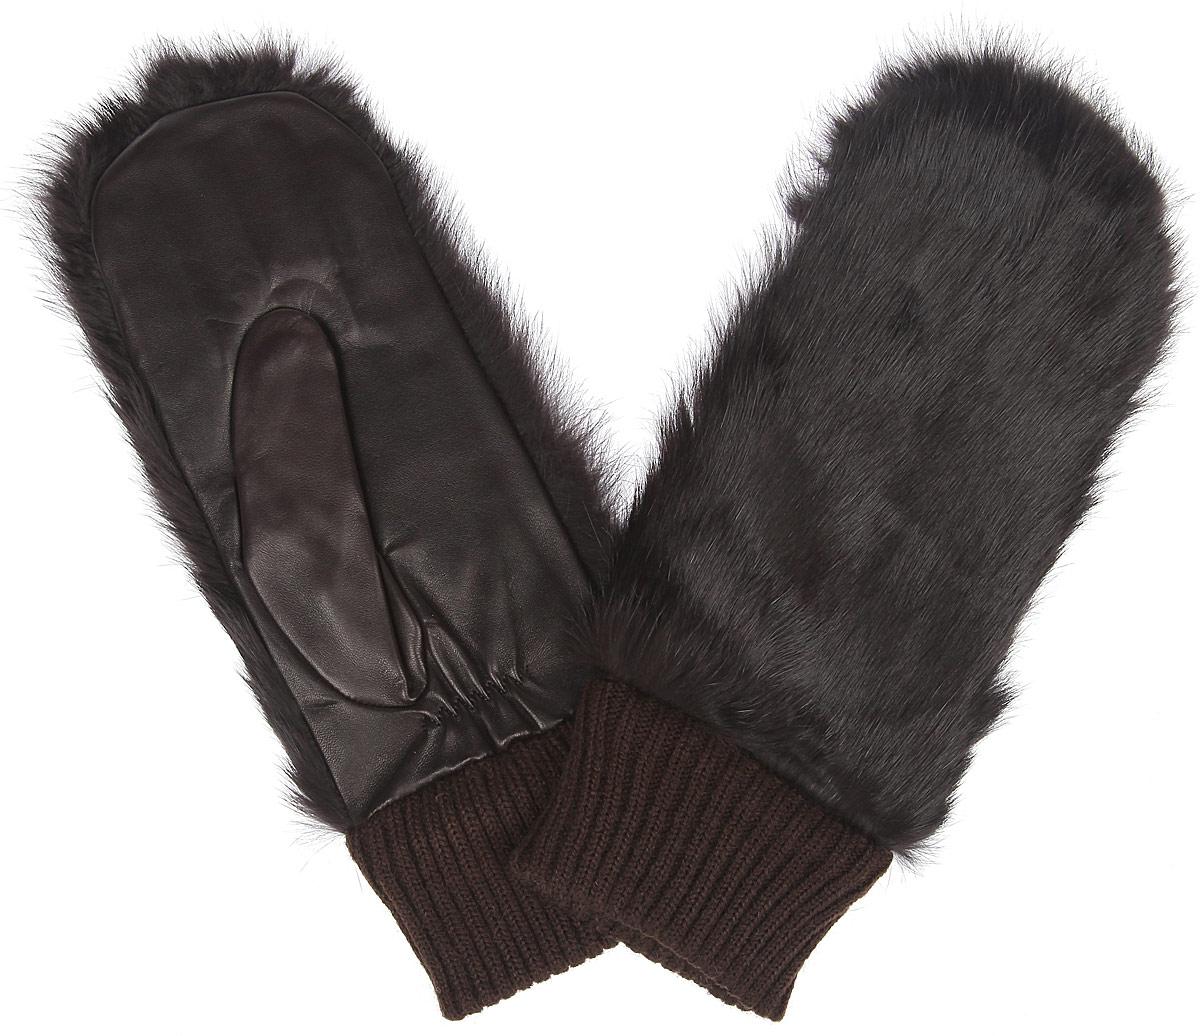 Варежки женские Eleganzza, цвет: коричневый. IS995. Размер 6,5IS995Стильные женские варежки Eleganzza не только защитят ваши руки от холода, но и станут великолепным украшением. Ладонная часть модели выполнена из натуральной кожи с гладкой поверхностью, тыльная сторона - из натурального меха кролика. Подкладка в форме перчатки выполнена из натуральной шерсти. Широкая резинка на запястье препятствует проникновению холодного воздуха. Вместе с этим аксессуаром вы обретаете женственность и элегантность. Варежки Eleganzza станут завершающим и подчеркивающим элементом вашего стиля и неповторимости.